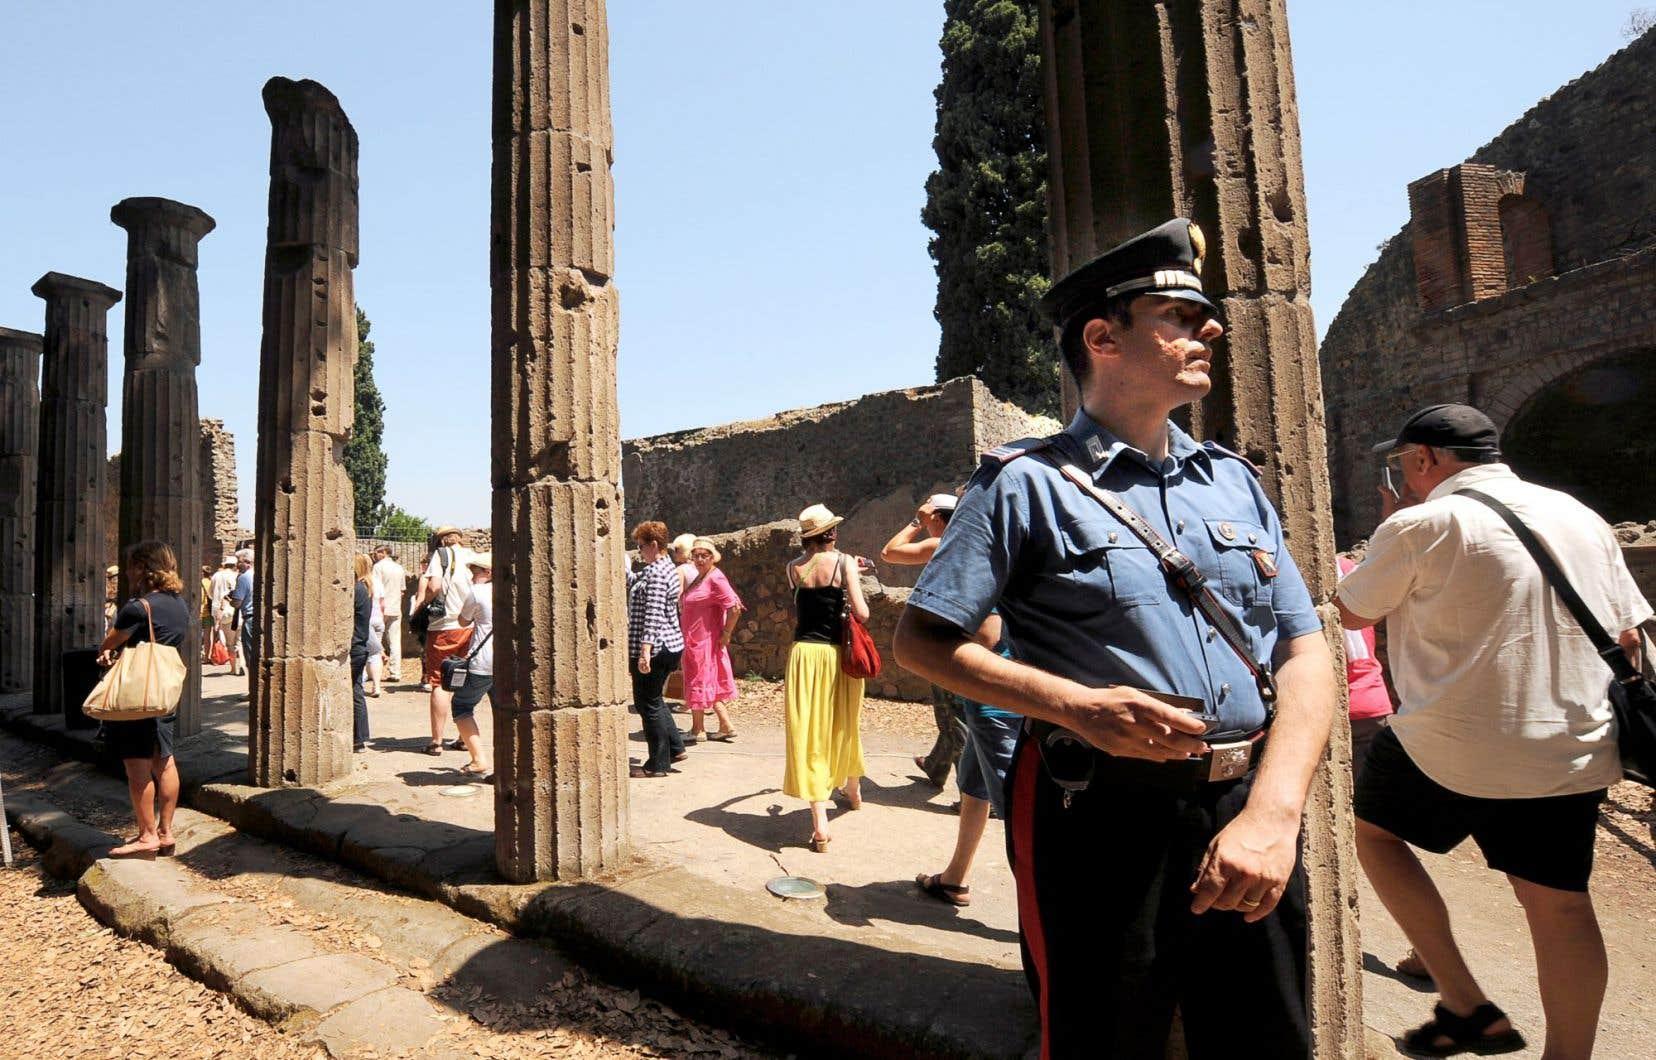 Le premier projet financé par les dons des internautes a été choisi parmi les nombreuses «urgences» recensées à Pompéi.